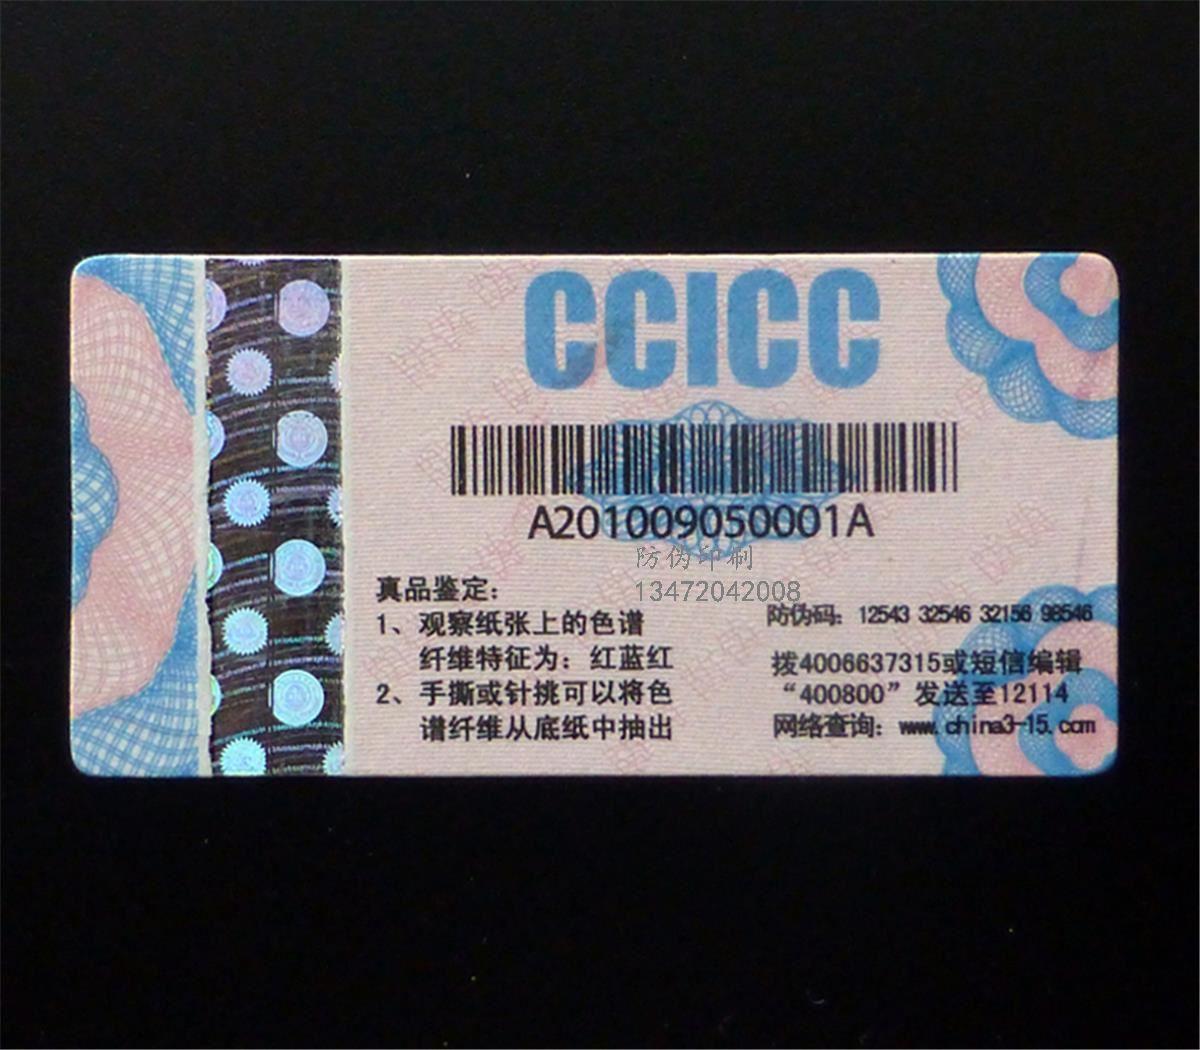 北京哪家做防伪标识好?,烫金 烫银技术。